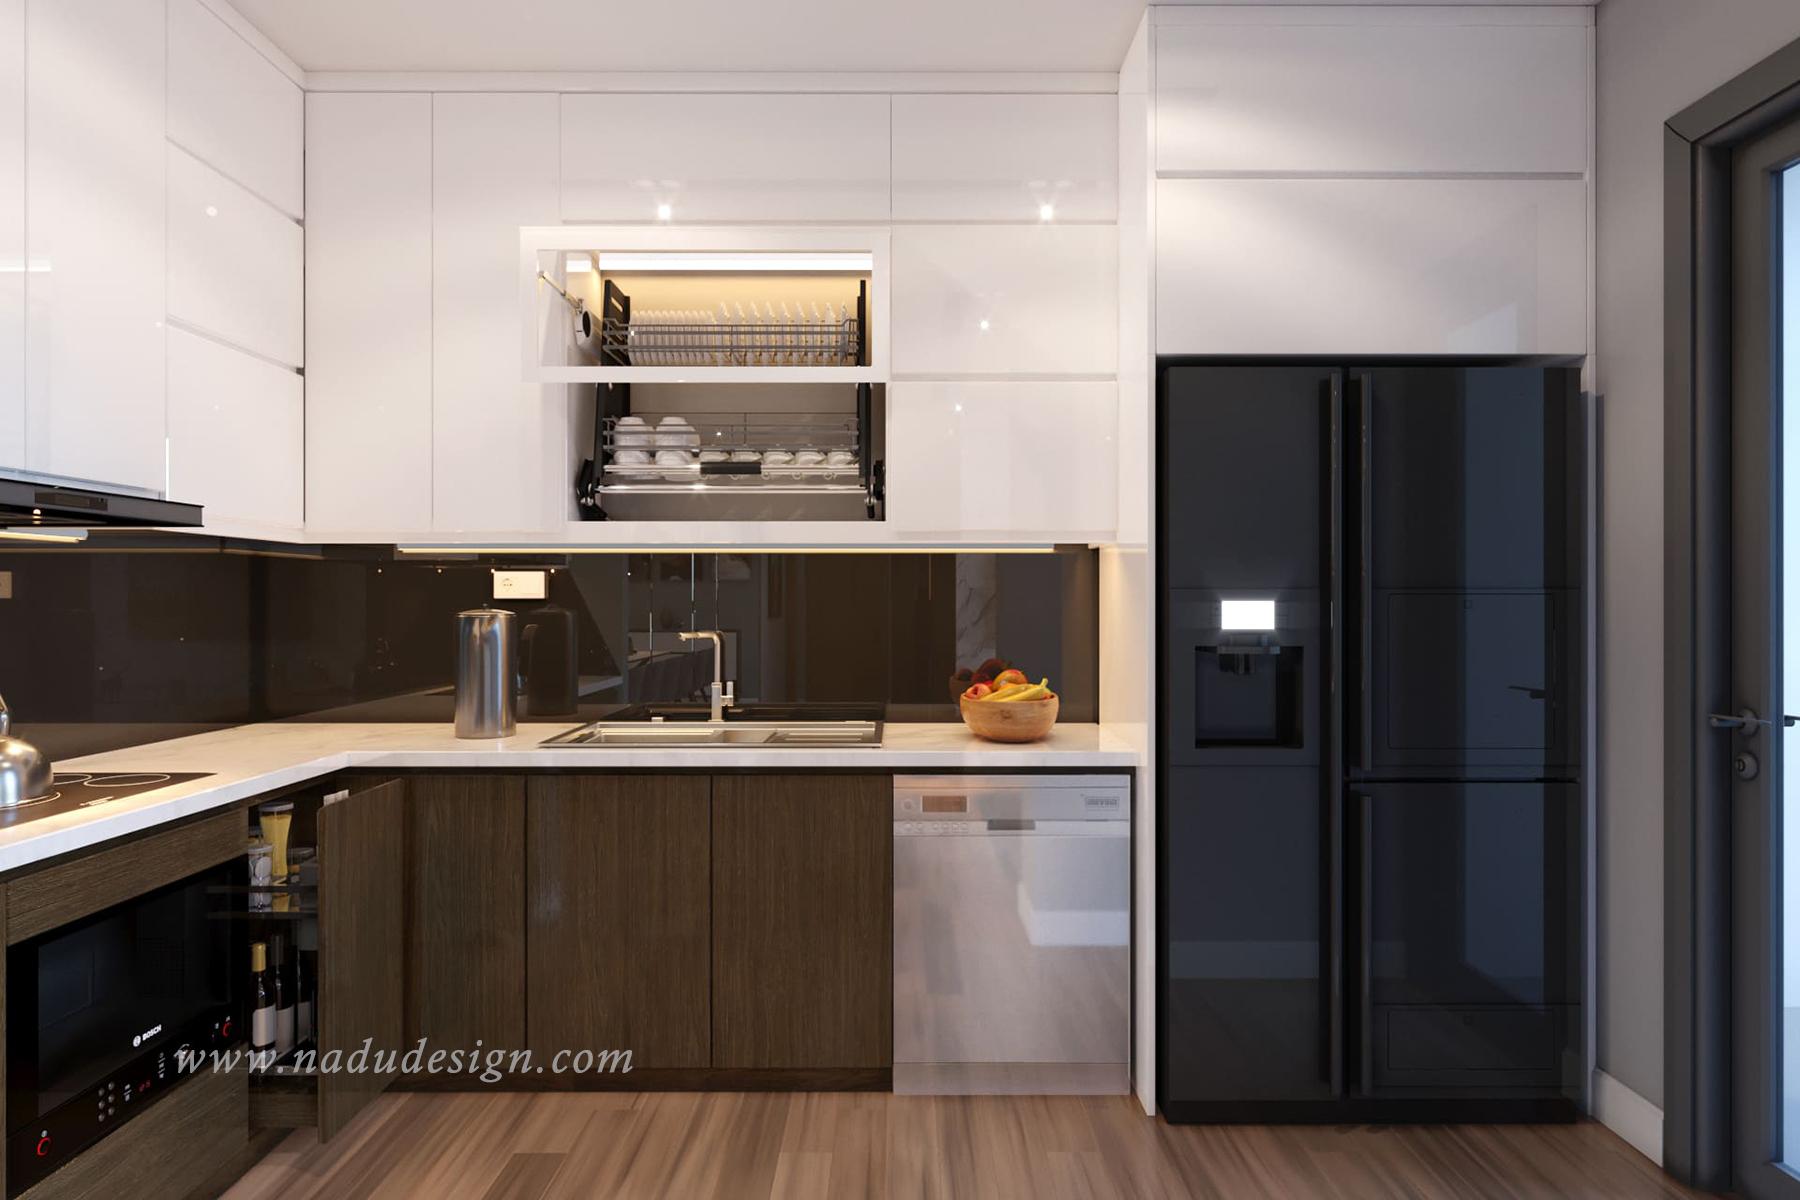 thiết kế nội thất cho phòng bếp